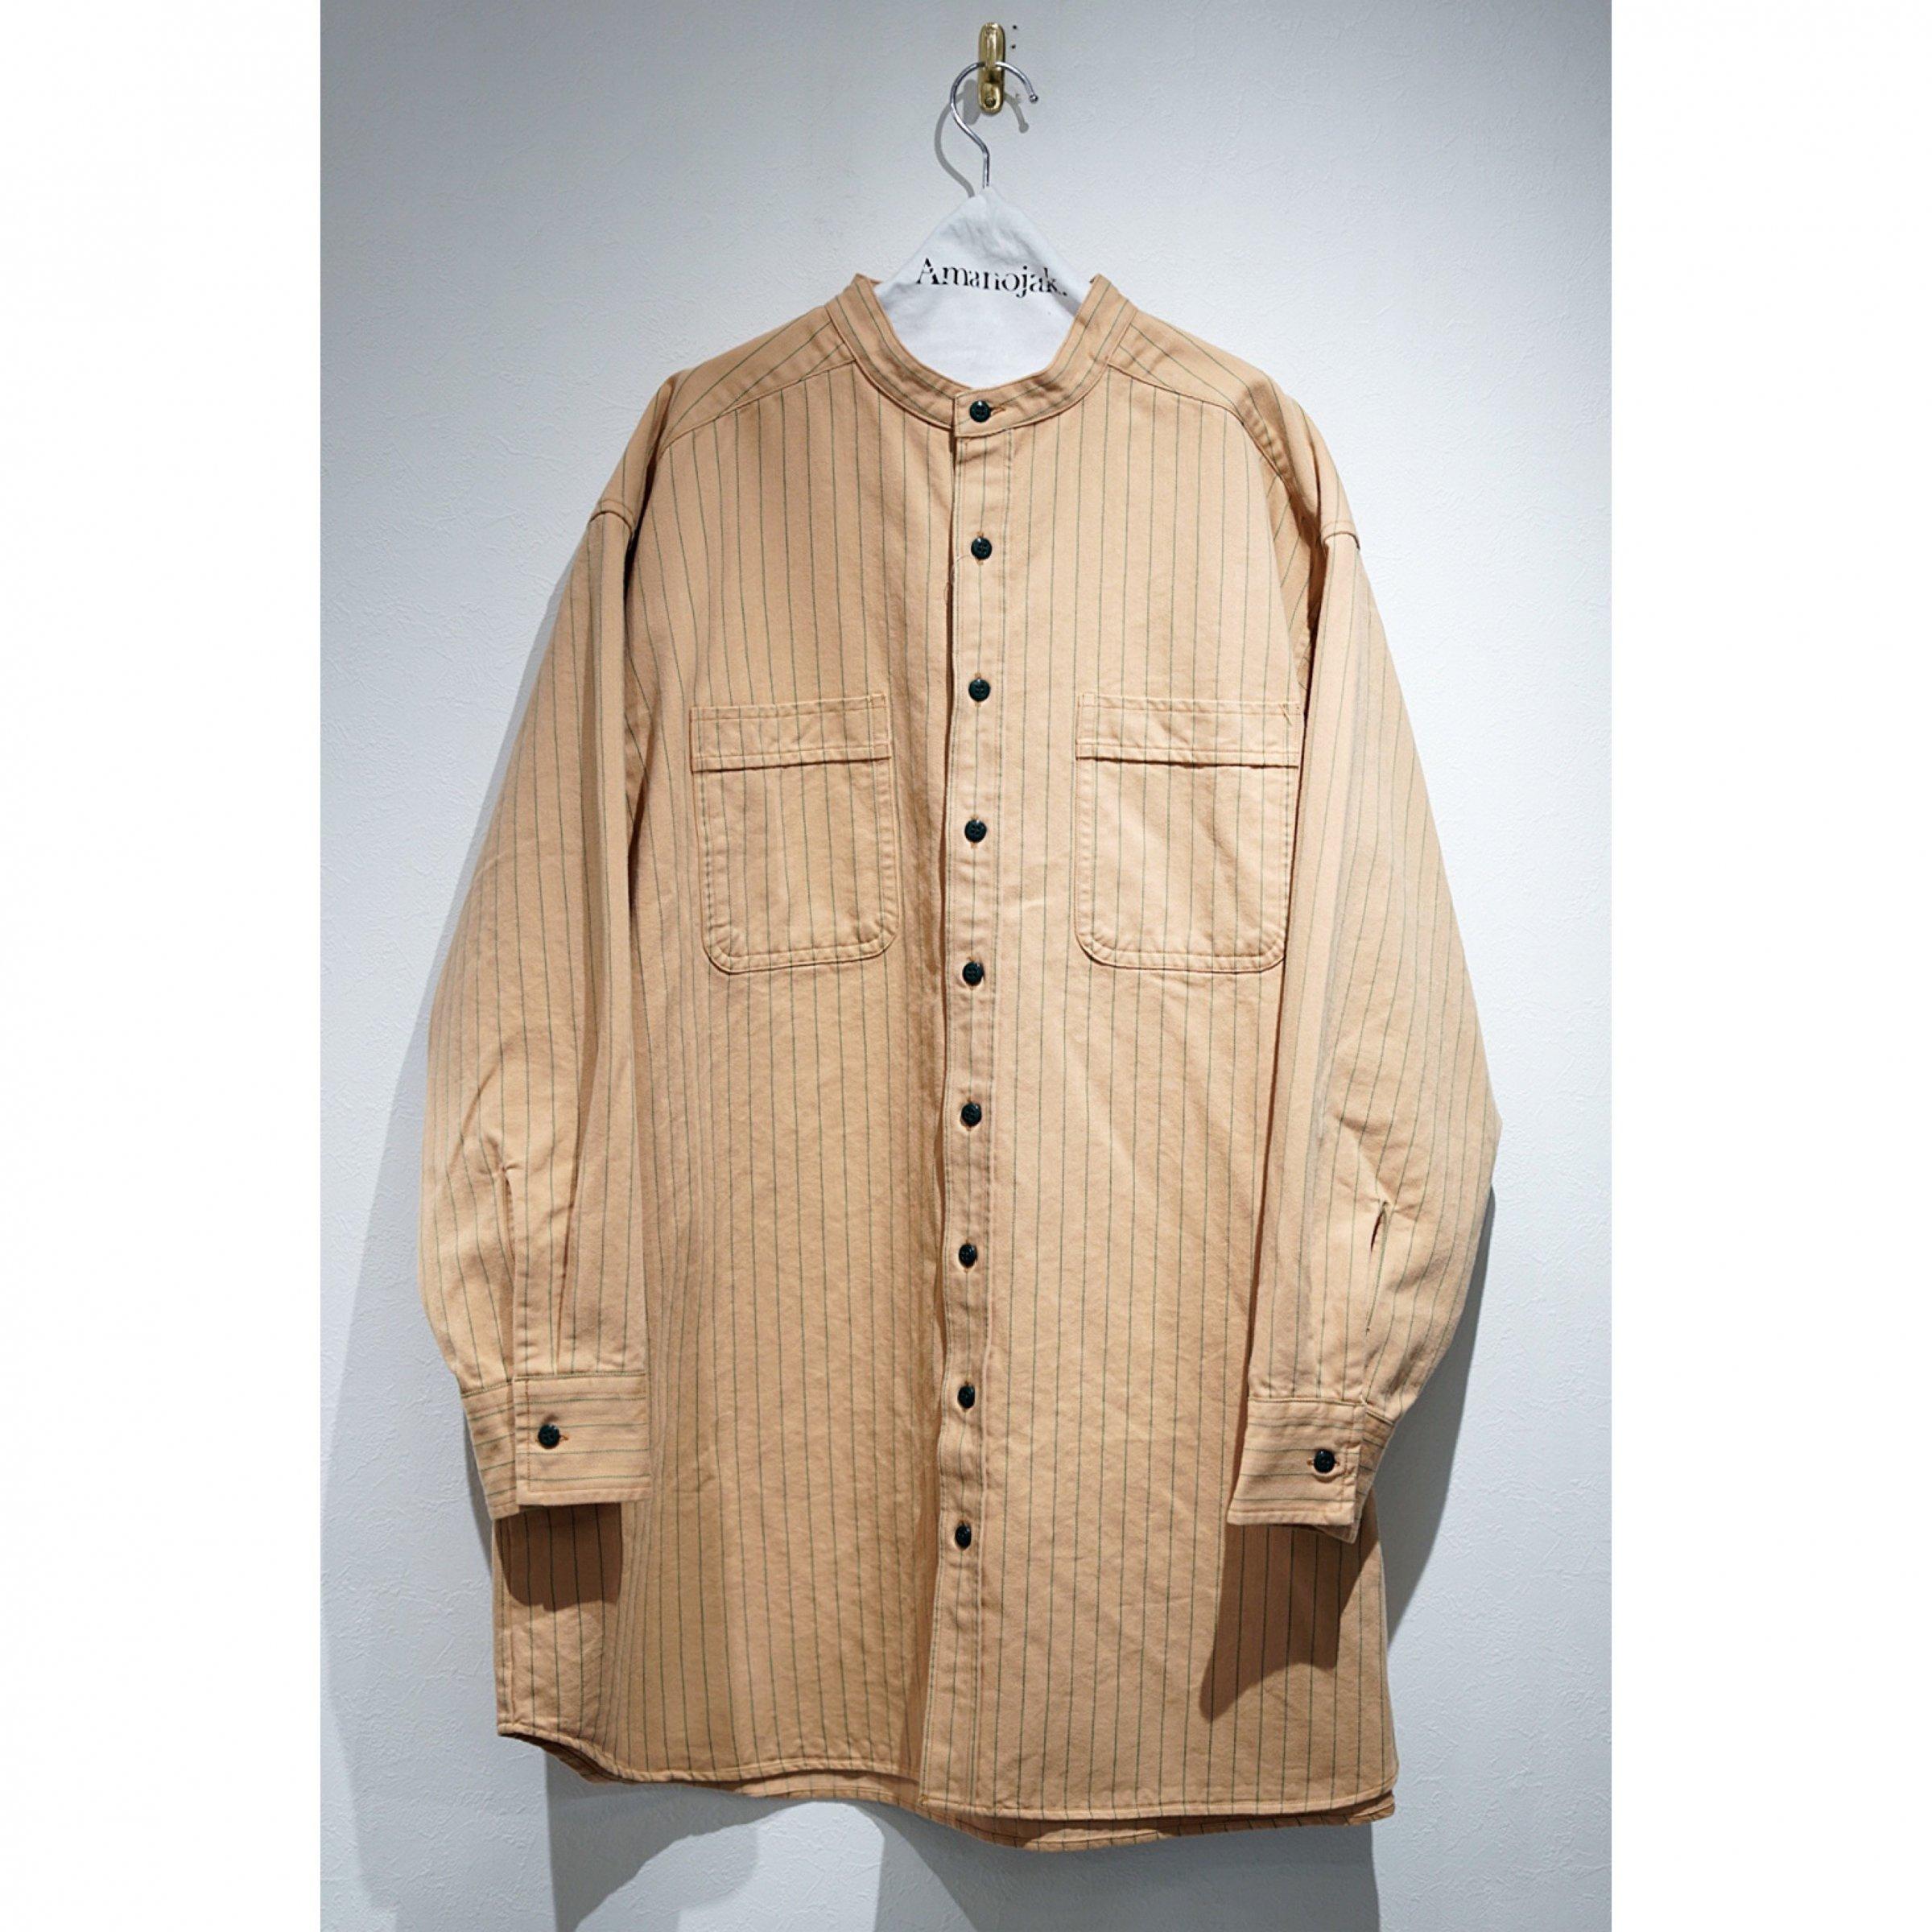 DRESS-NONSTANDARD SHIRT ORANGE